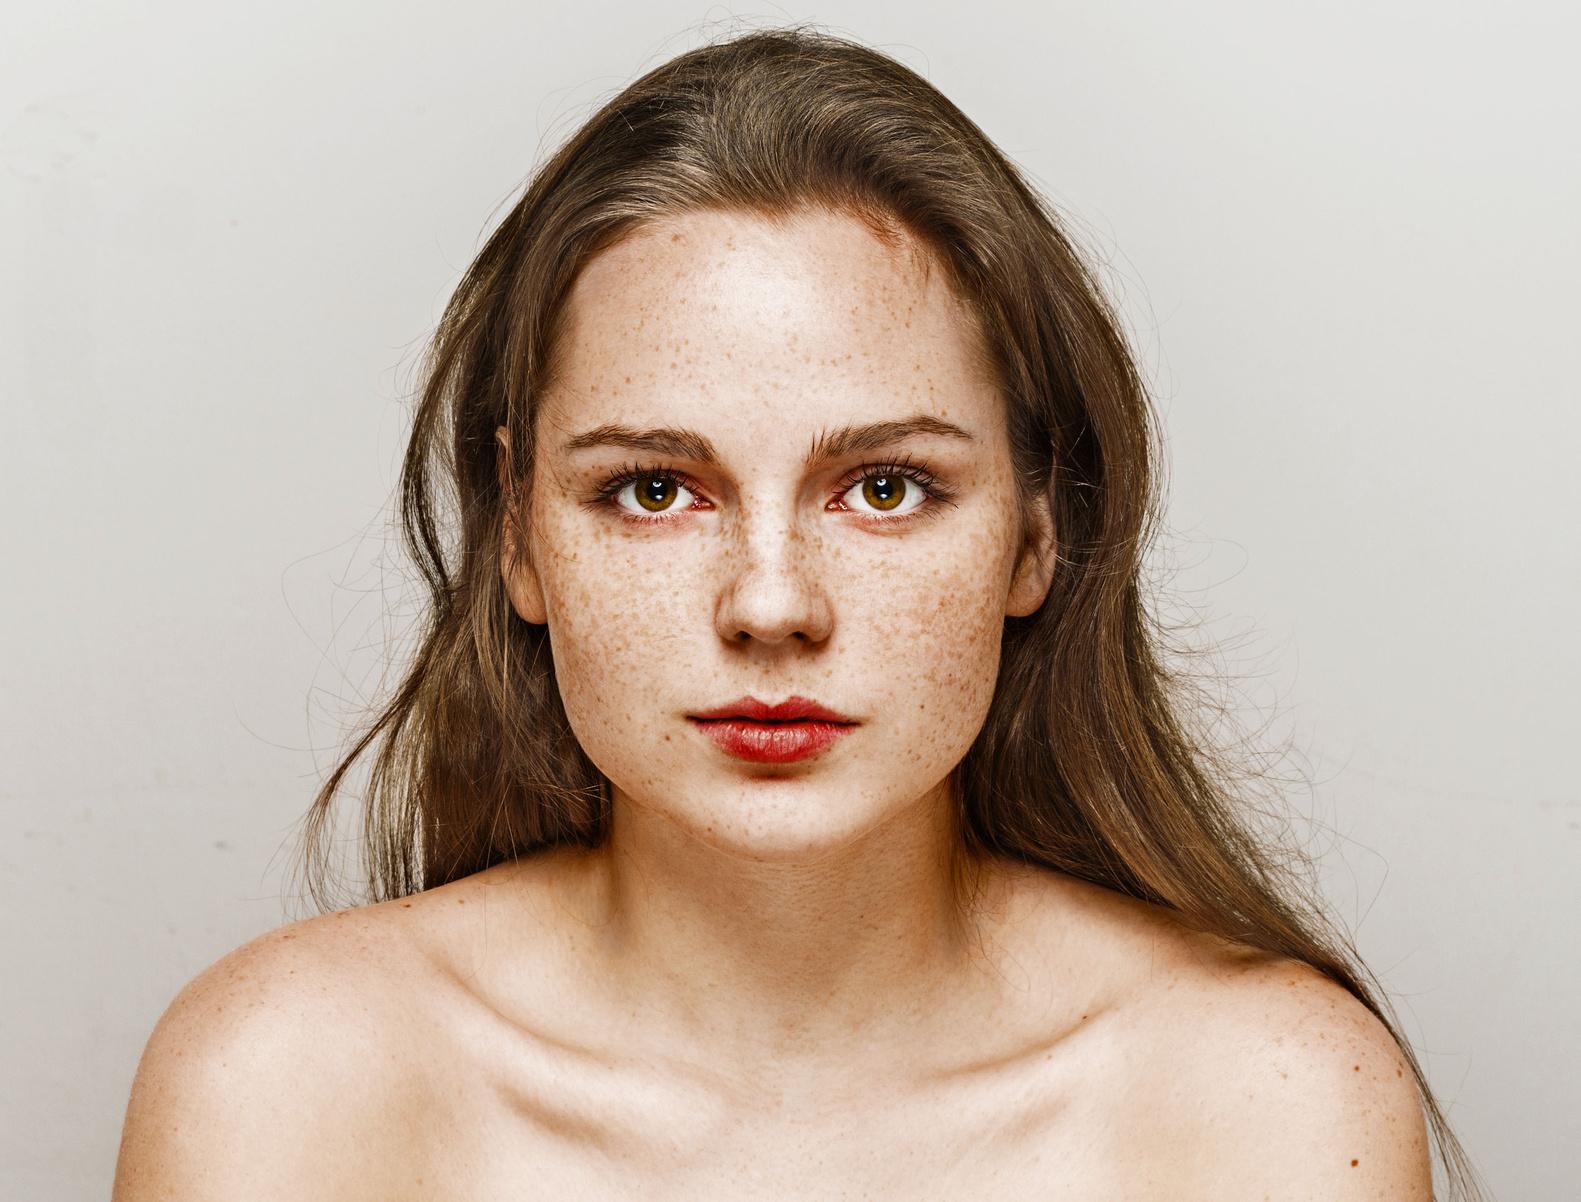 Amelia Hamilton